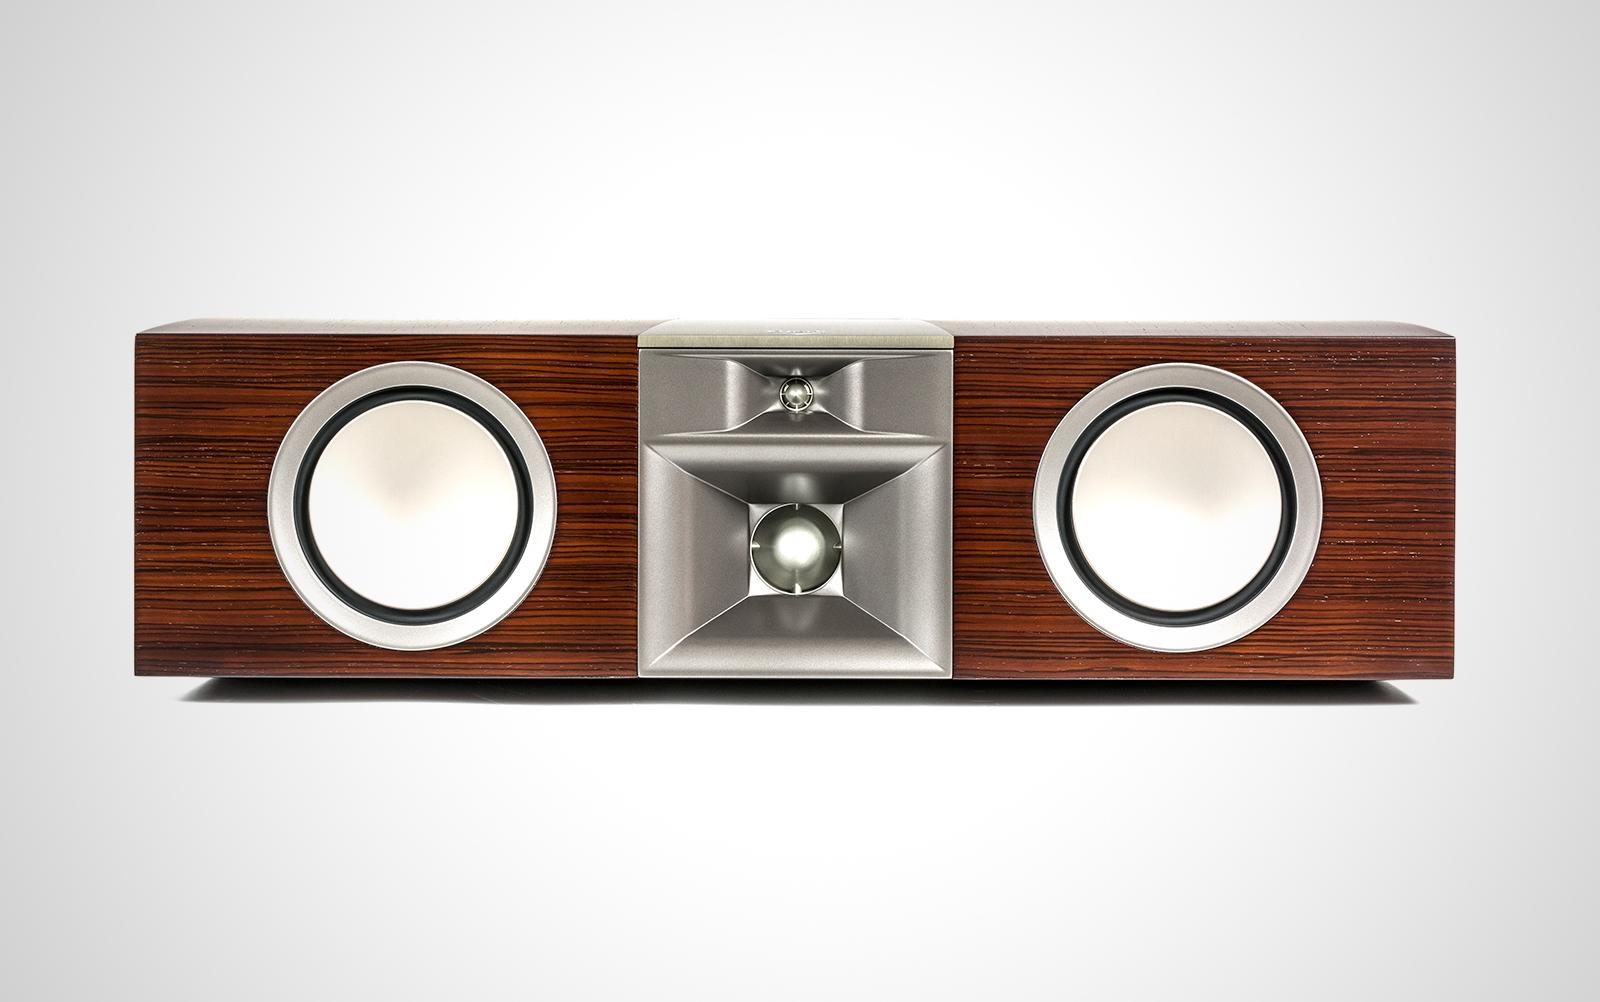 klipsch palladium klipsch palladium p 37. Black Bedroom Furniture Sets. Home Design Ideas